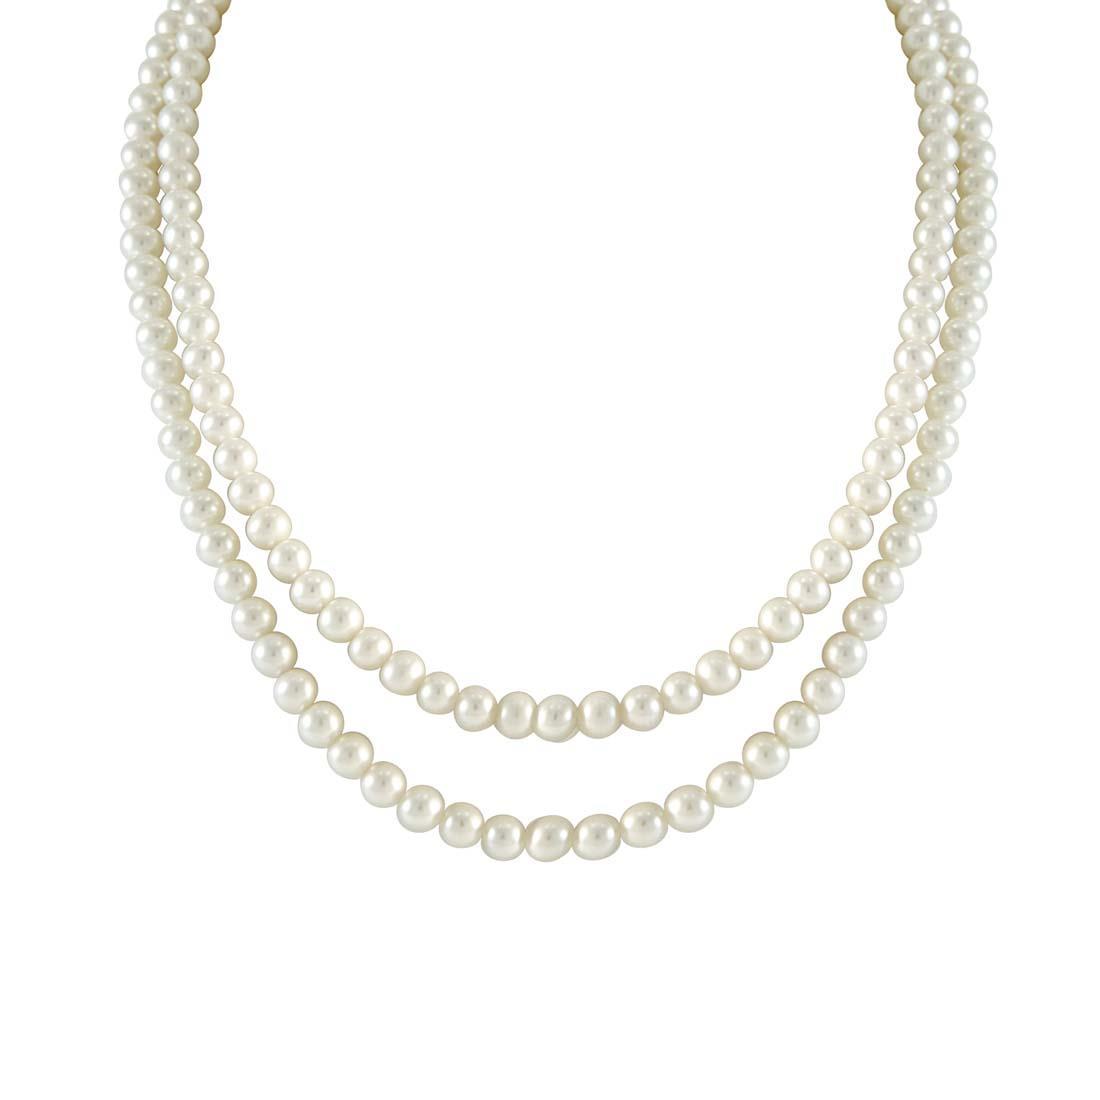 Collana Oro & Co filo di perle Freshwater con chiusura in oro 18 kt gr 1,32 lunghezza 84 cm - ORO&CO